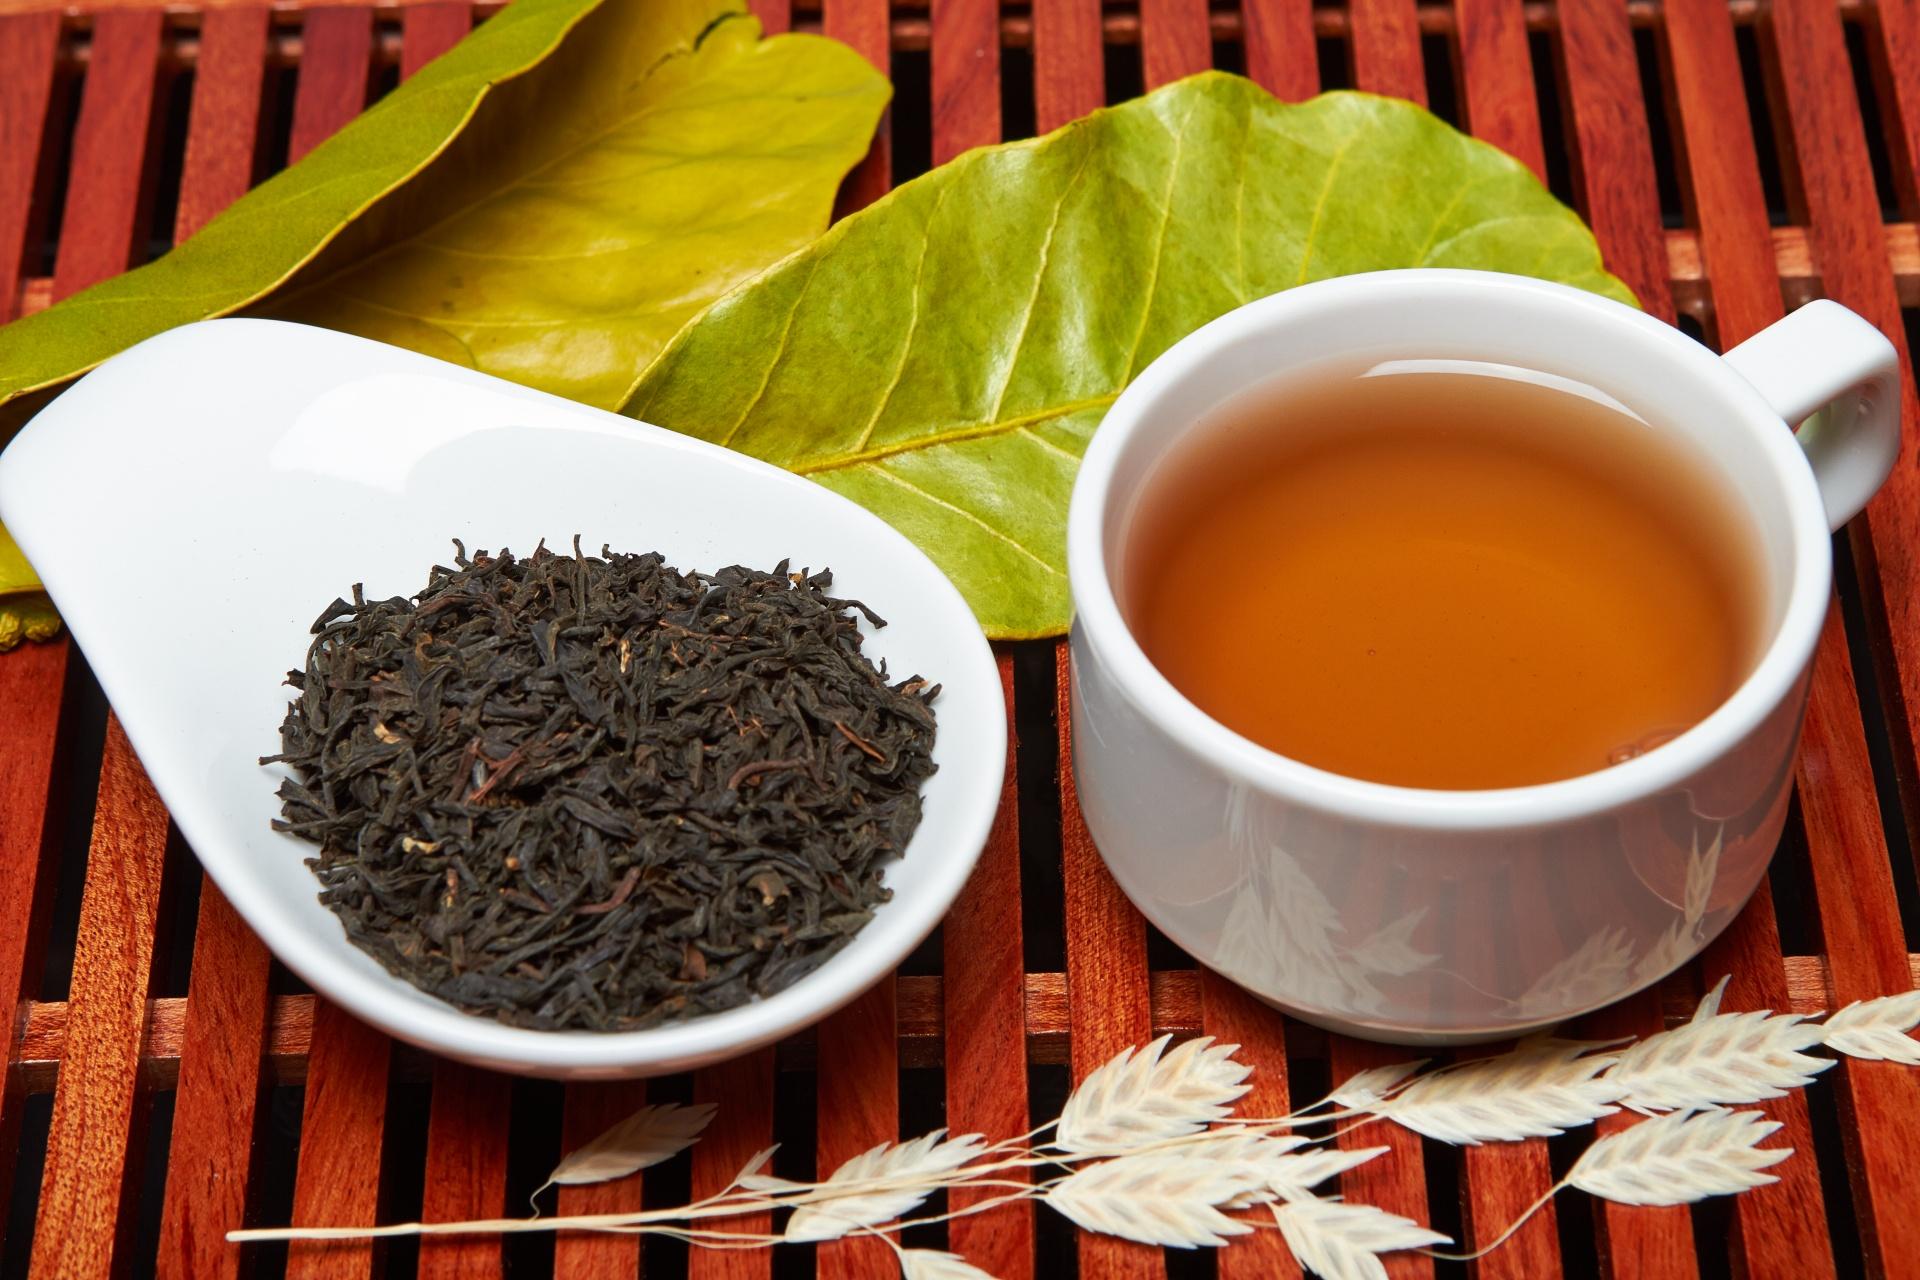 картинка чая черного байхового чая отличается ореховый светлый